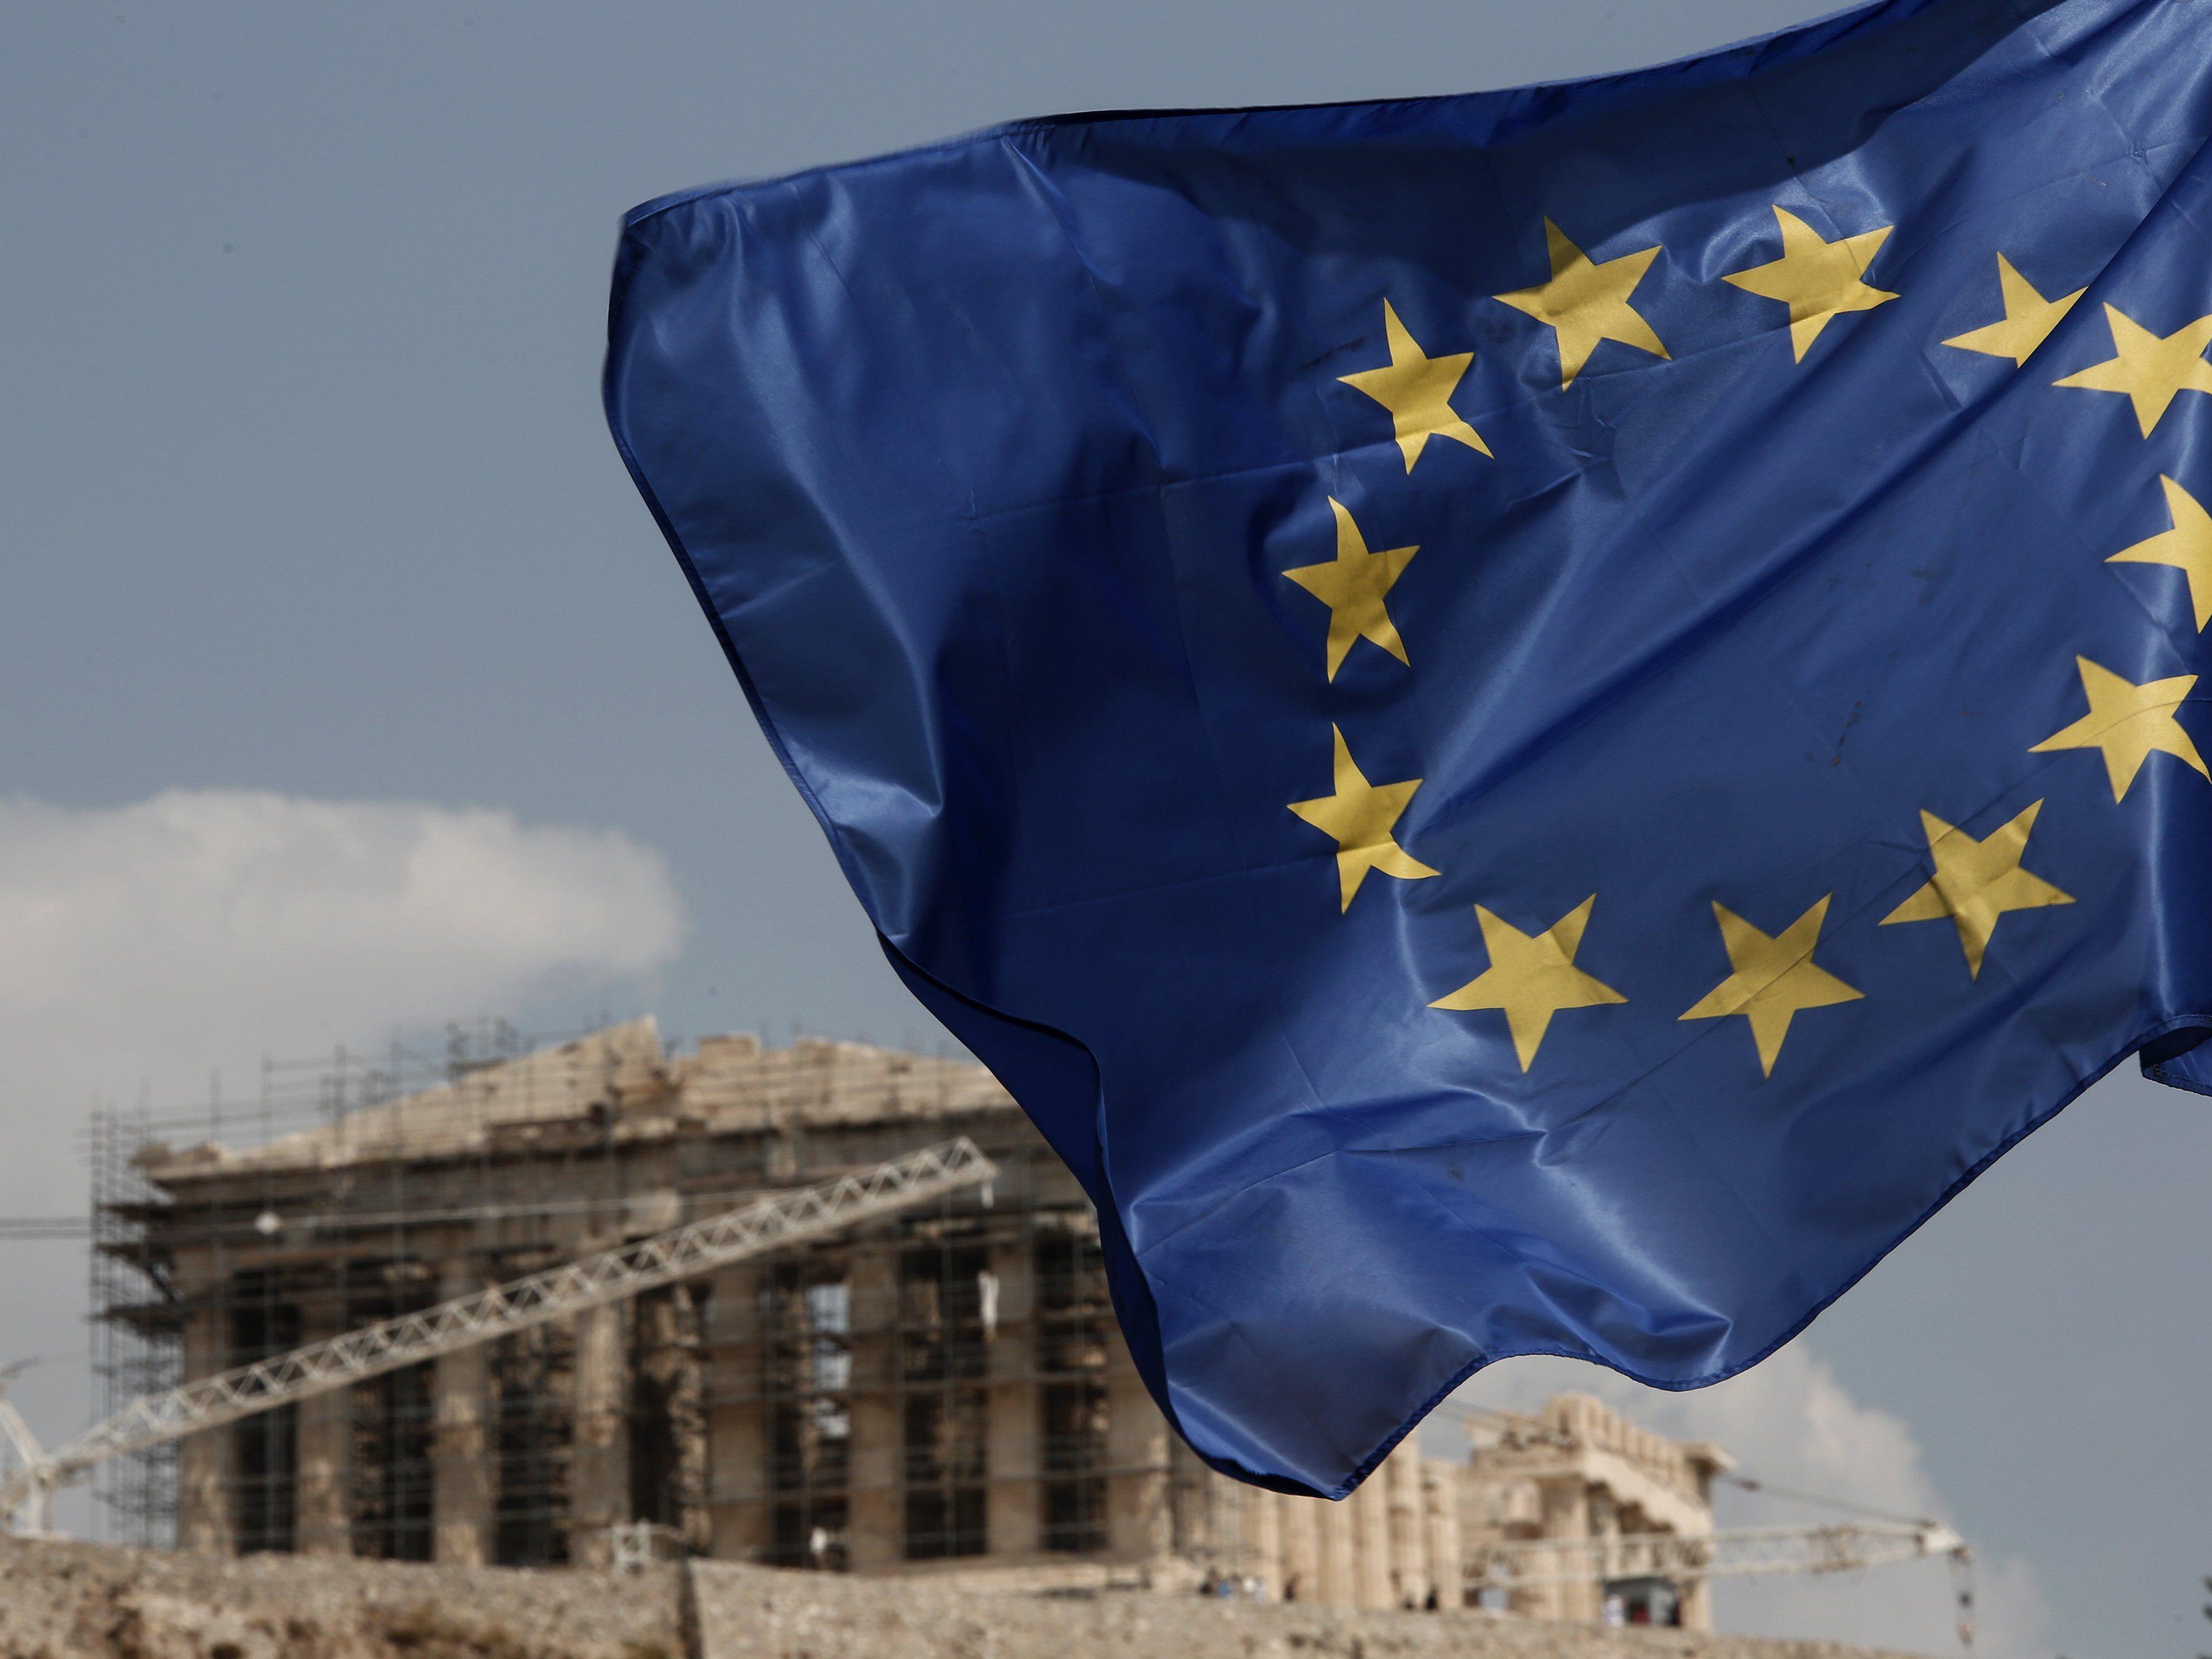 Fast am Ziel: Griechenland kann mit Milliardenhilfen rechnen